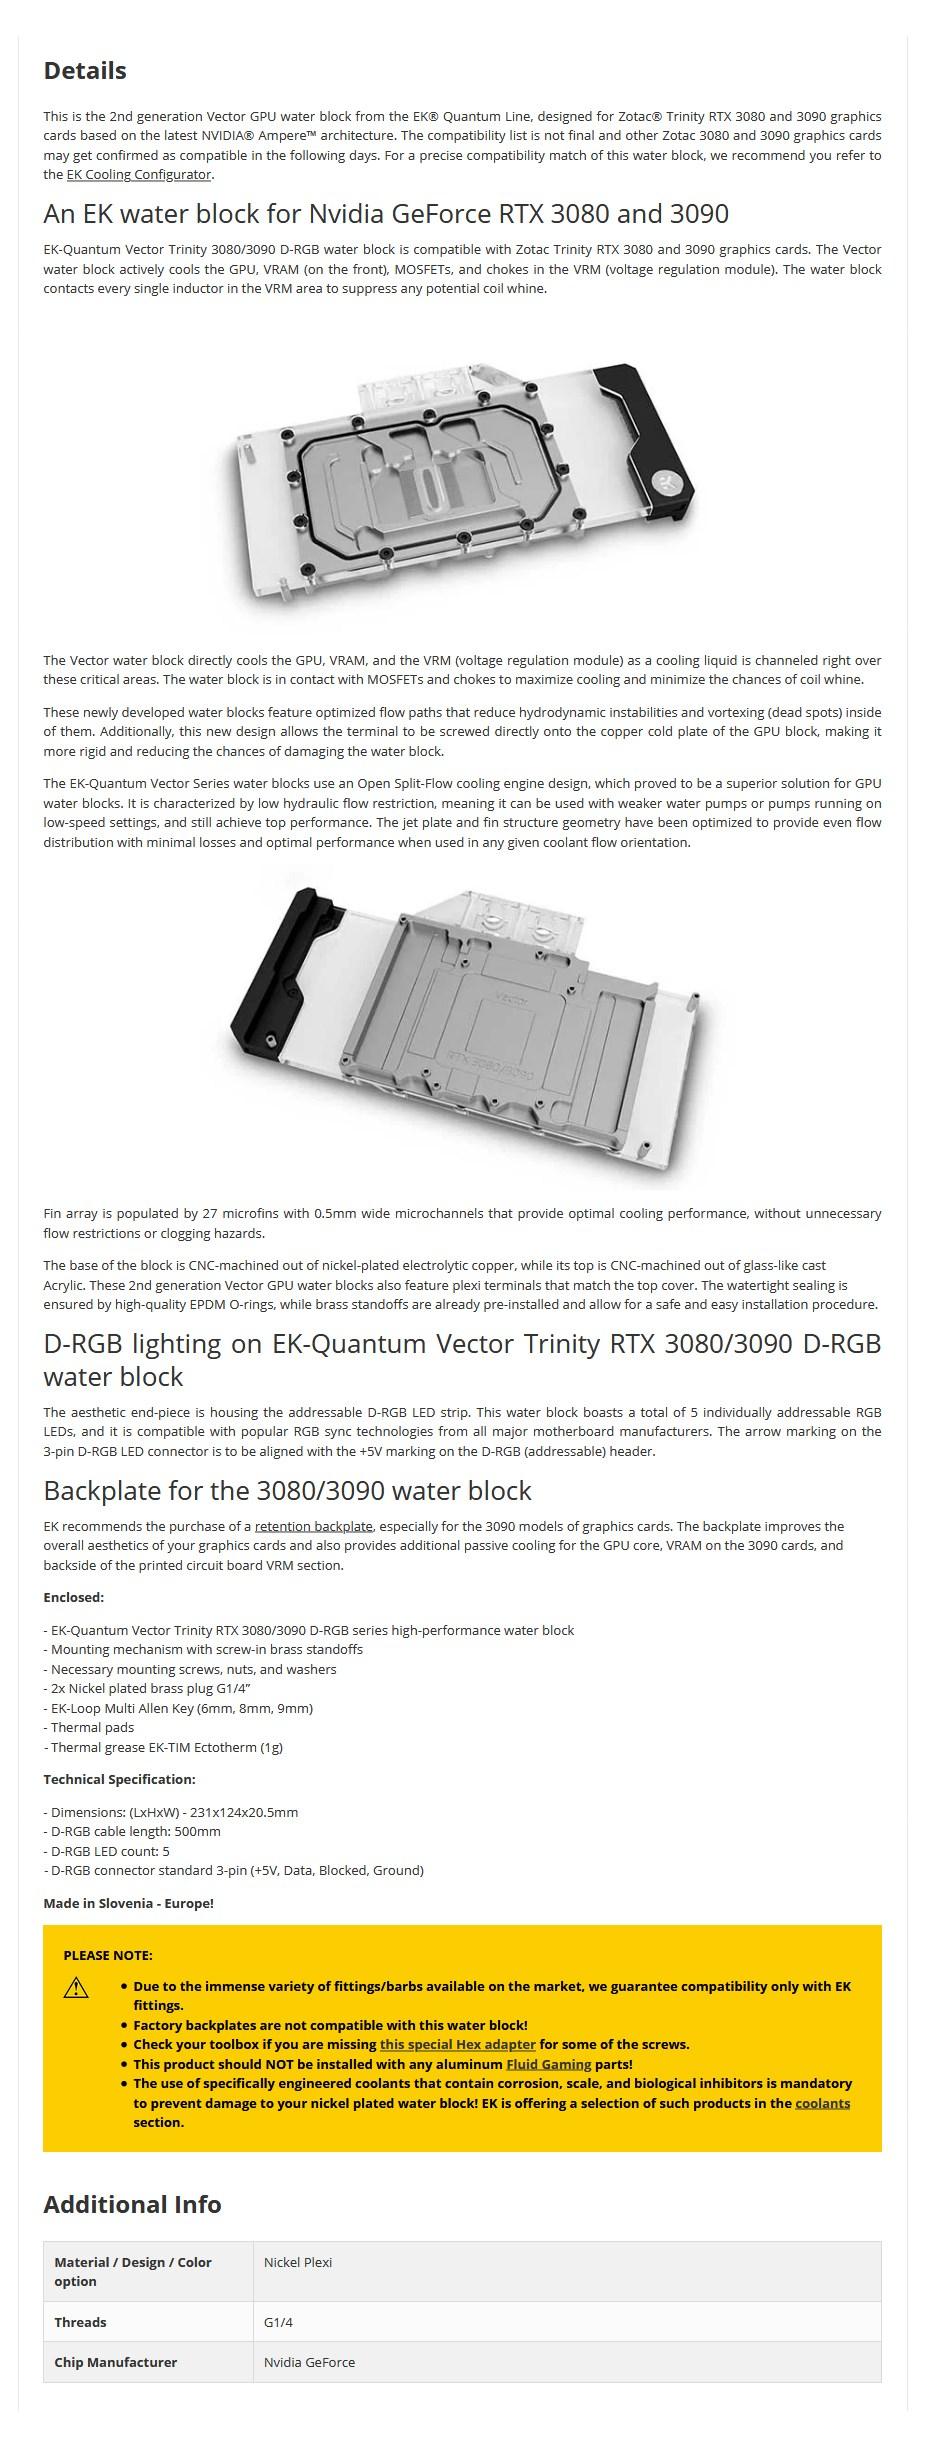 EKWB EK-Quantum Vector D-RGB Trinity 3080/3090 GPU Water Block - Nickel + Plexi - Overview 1